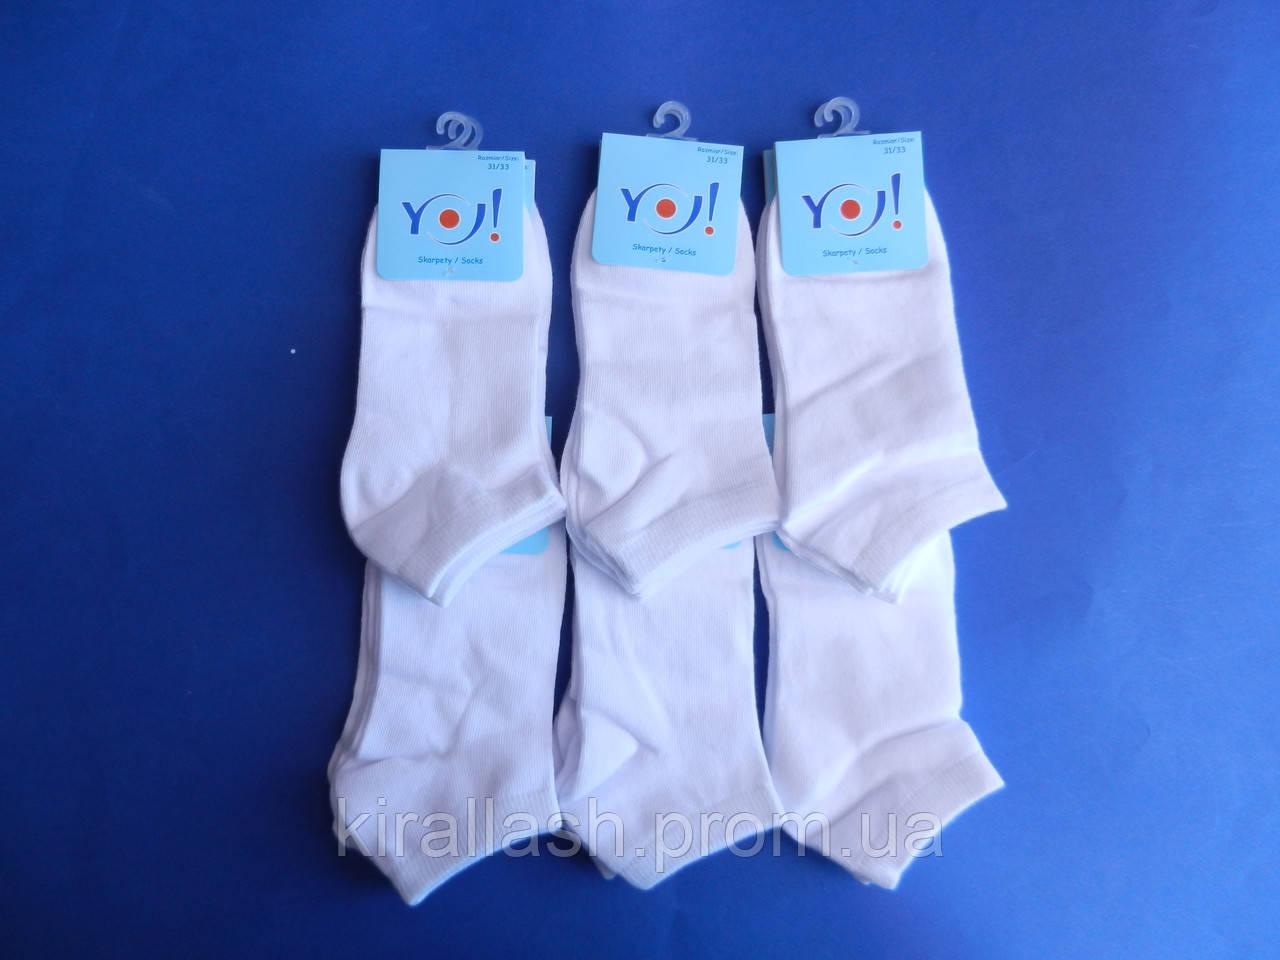 """Шкарпетки (розмір 34-36) КОРОТКІ БІЛІ бавовна """"YO SCORPIO"""" Польща"""